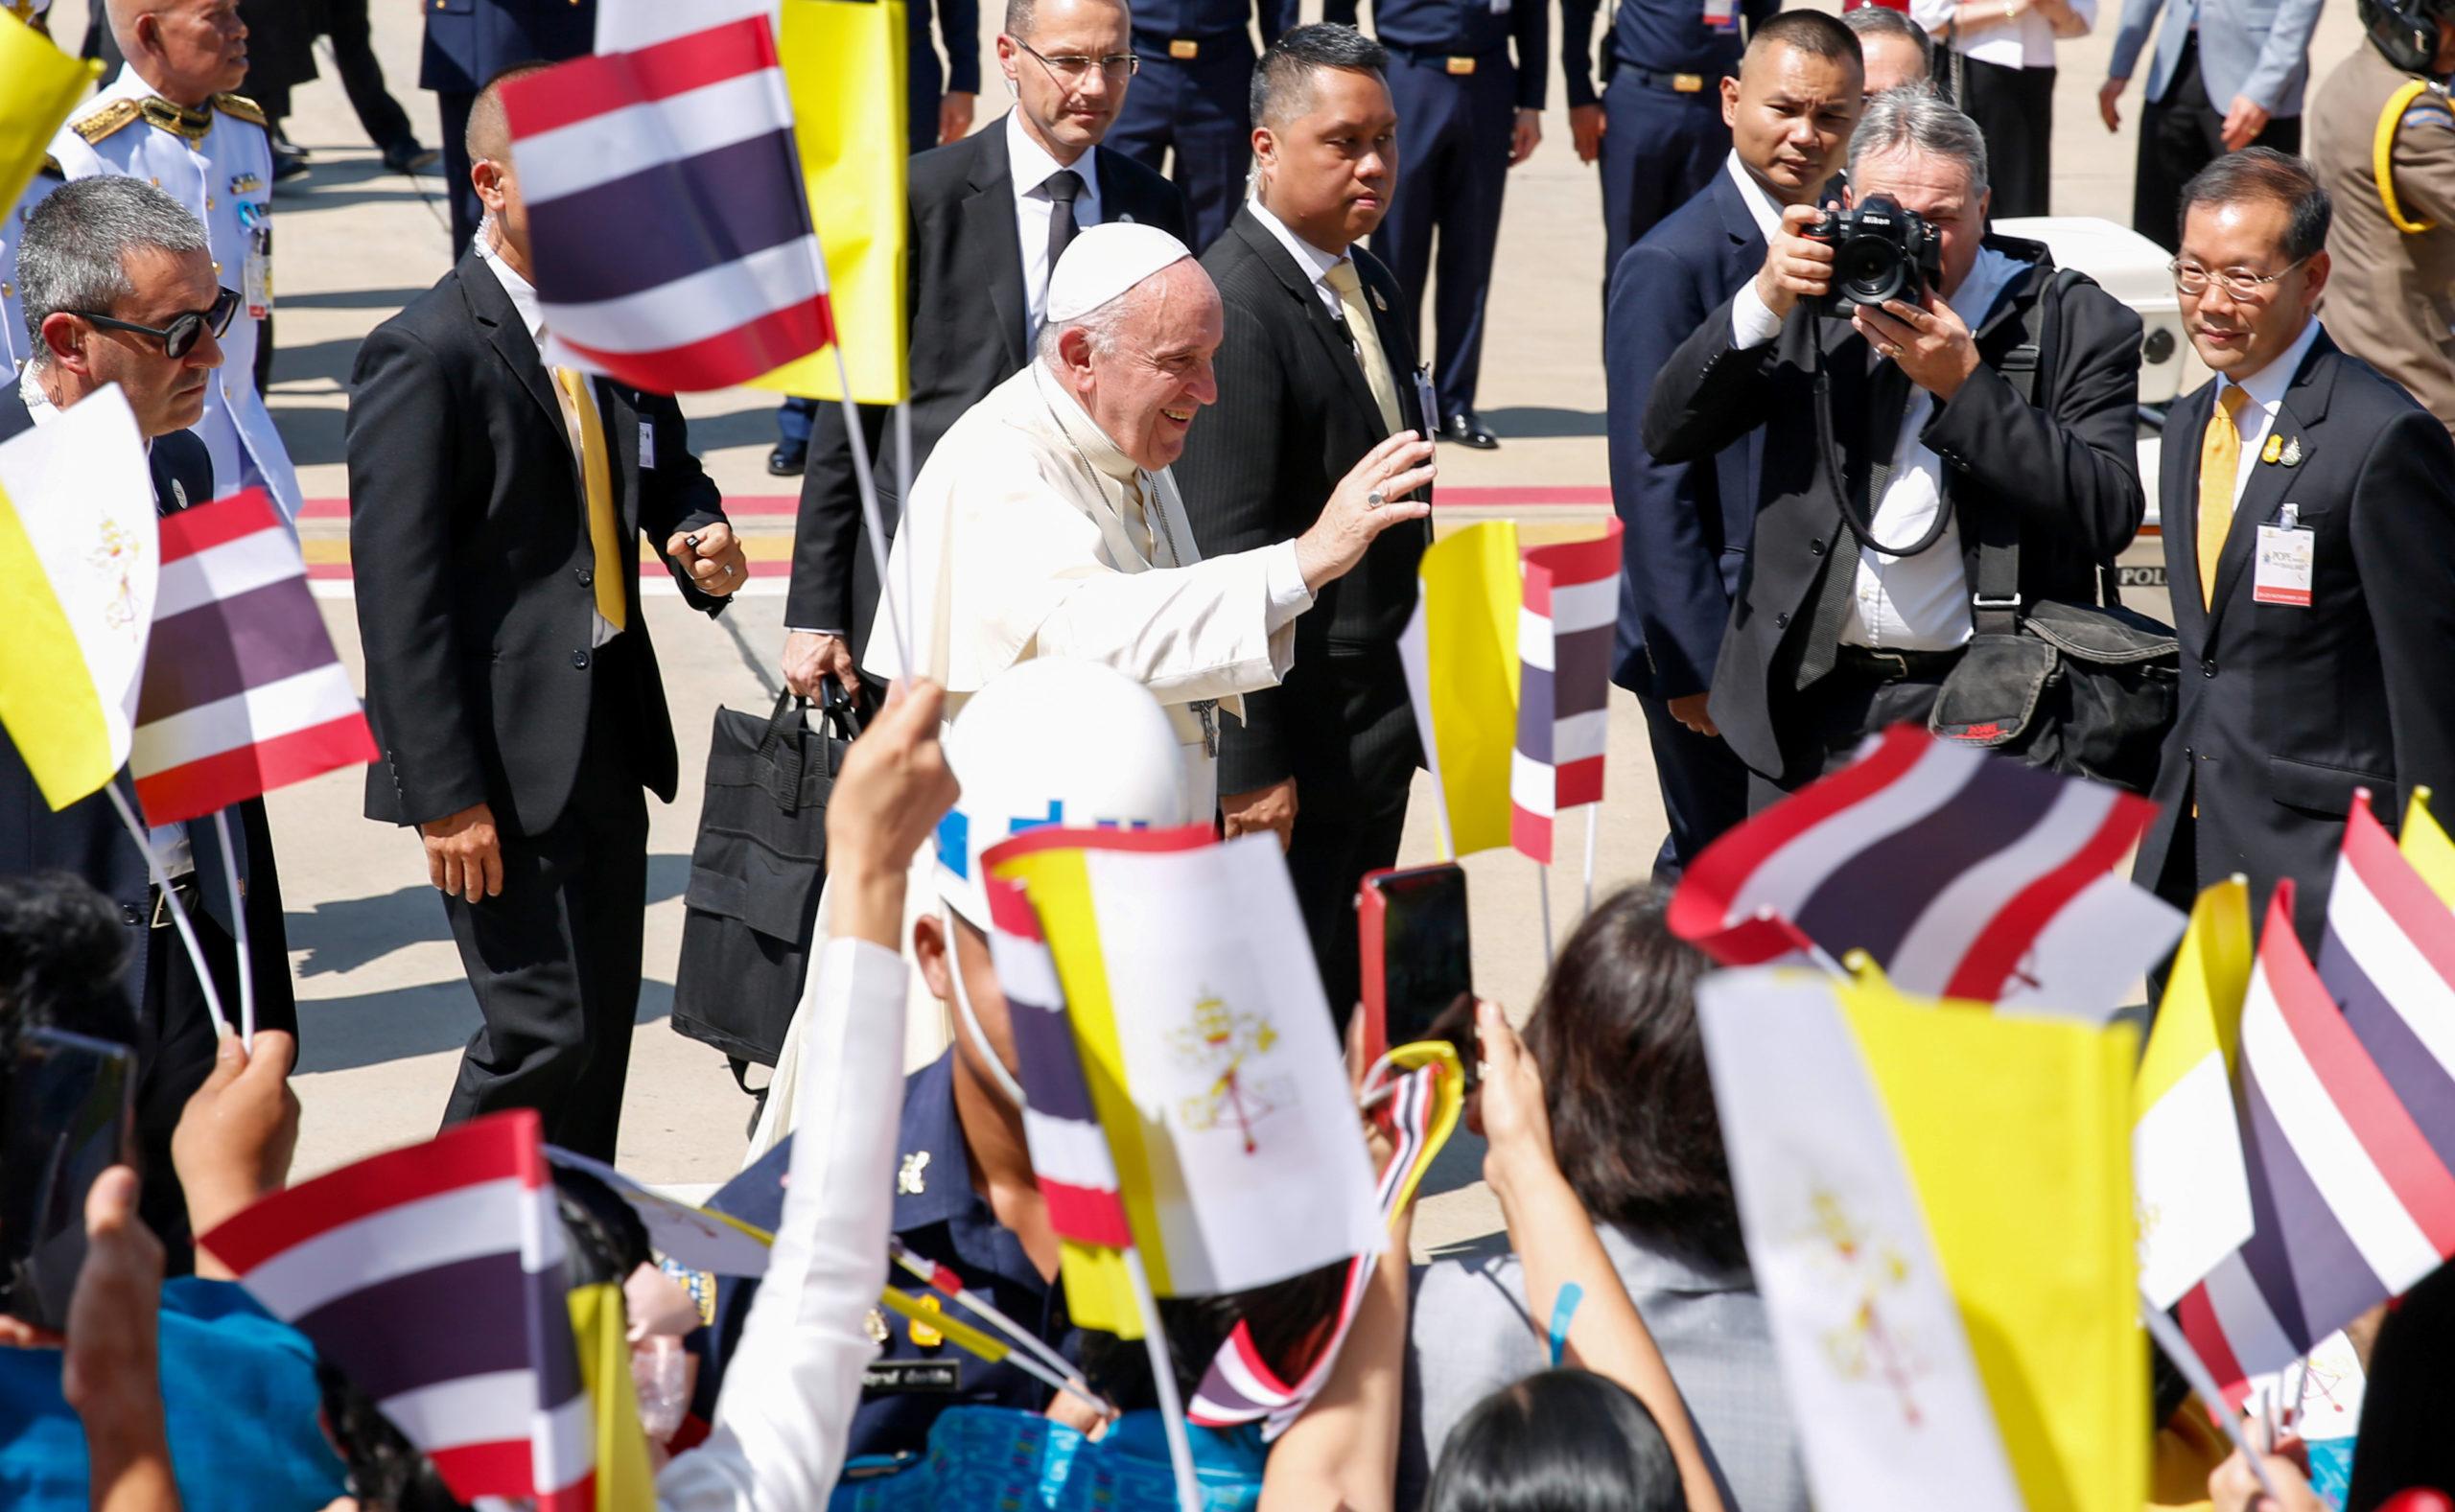 Le pape François est arrivé mercredi en Thaïlande, première étape d'un voyage de sept jours en Asie durant lequel il se rendra également au Japon, une première en près de 40 ans. /Photo prise le 20 novembre 2019/REUTERS/Remo Casilli